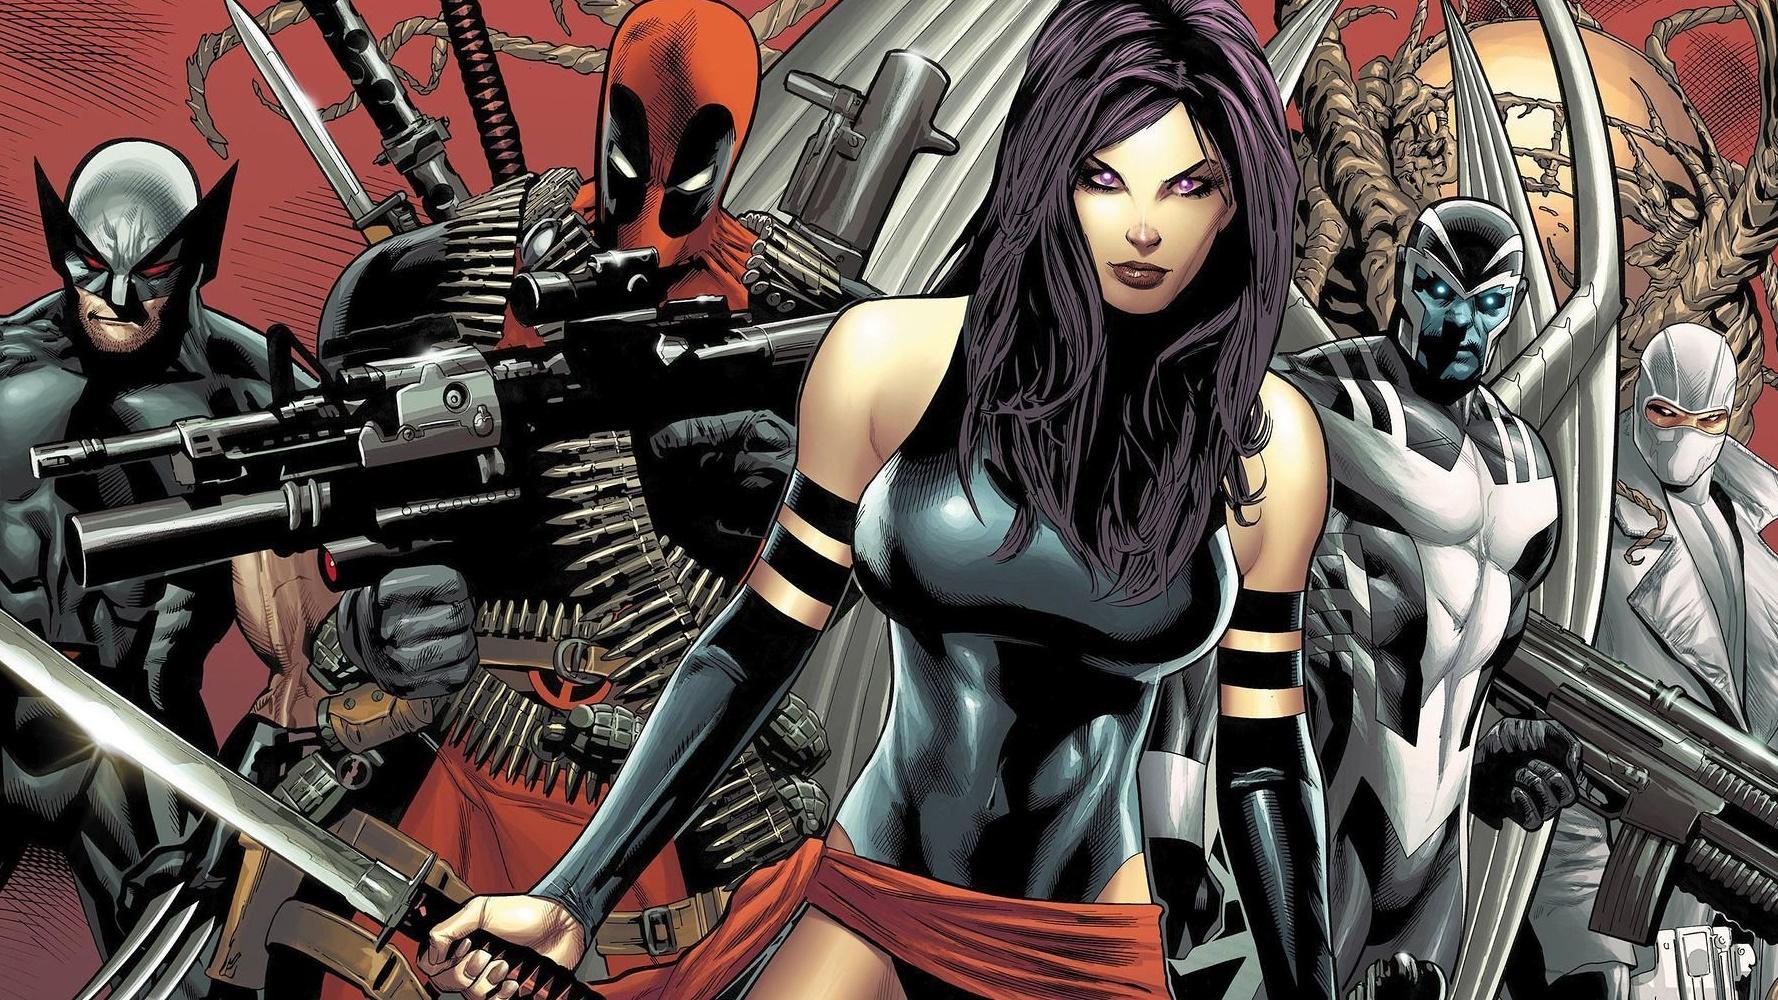 uncanny-x-force-comics-wallpaper_1.jpg